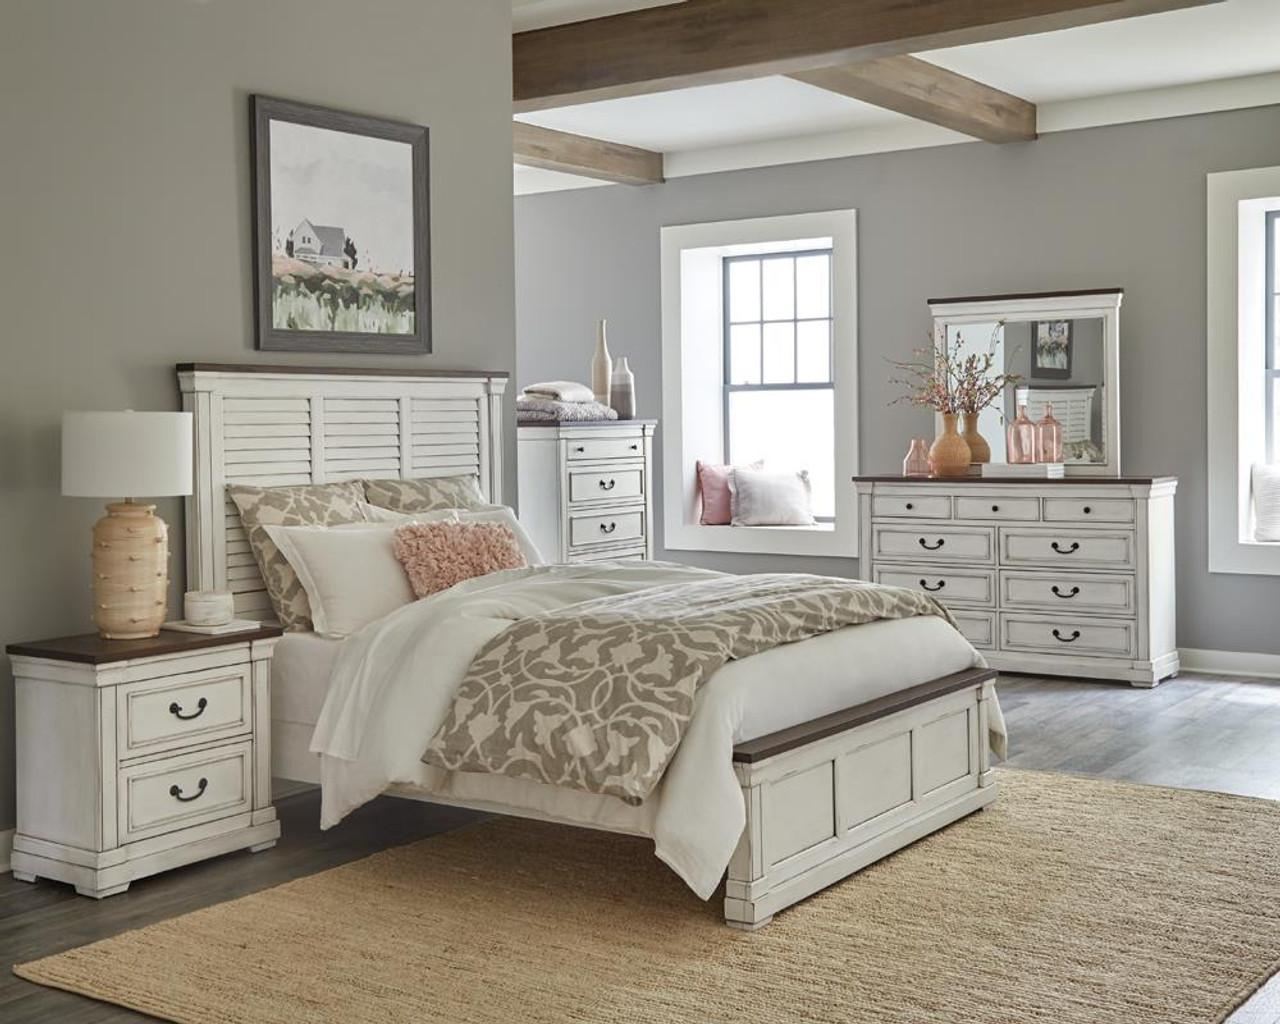 Hillcrest 4 Piece Eastern King Panel Bedroom Set White And Dark Rum 223351ke S4 On Sale At Stringer Furniture Serving Jackson Ms